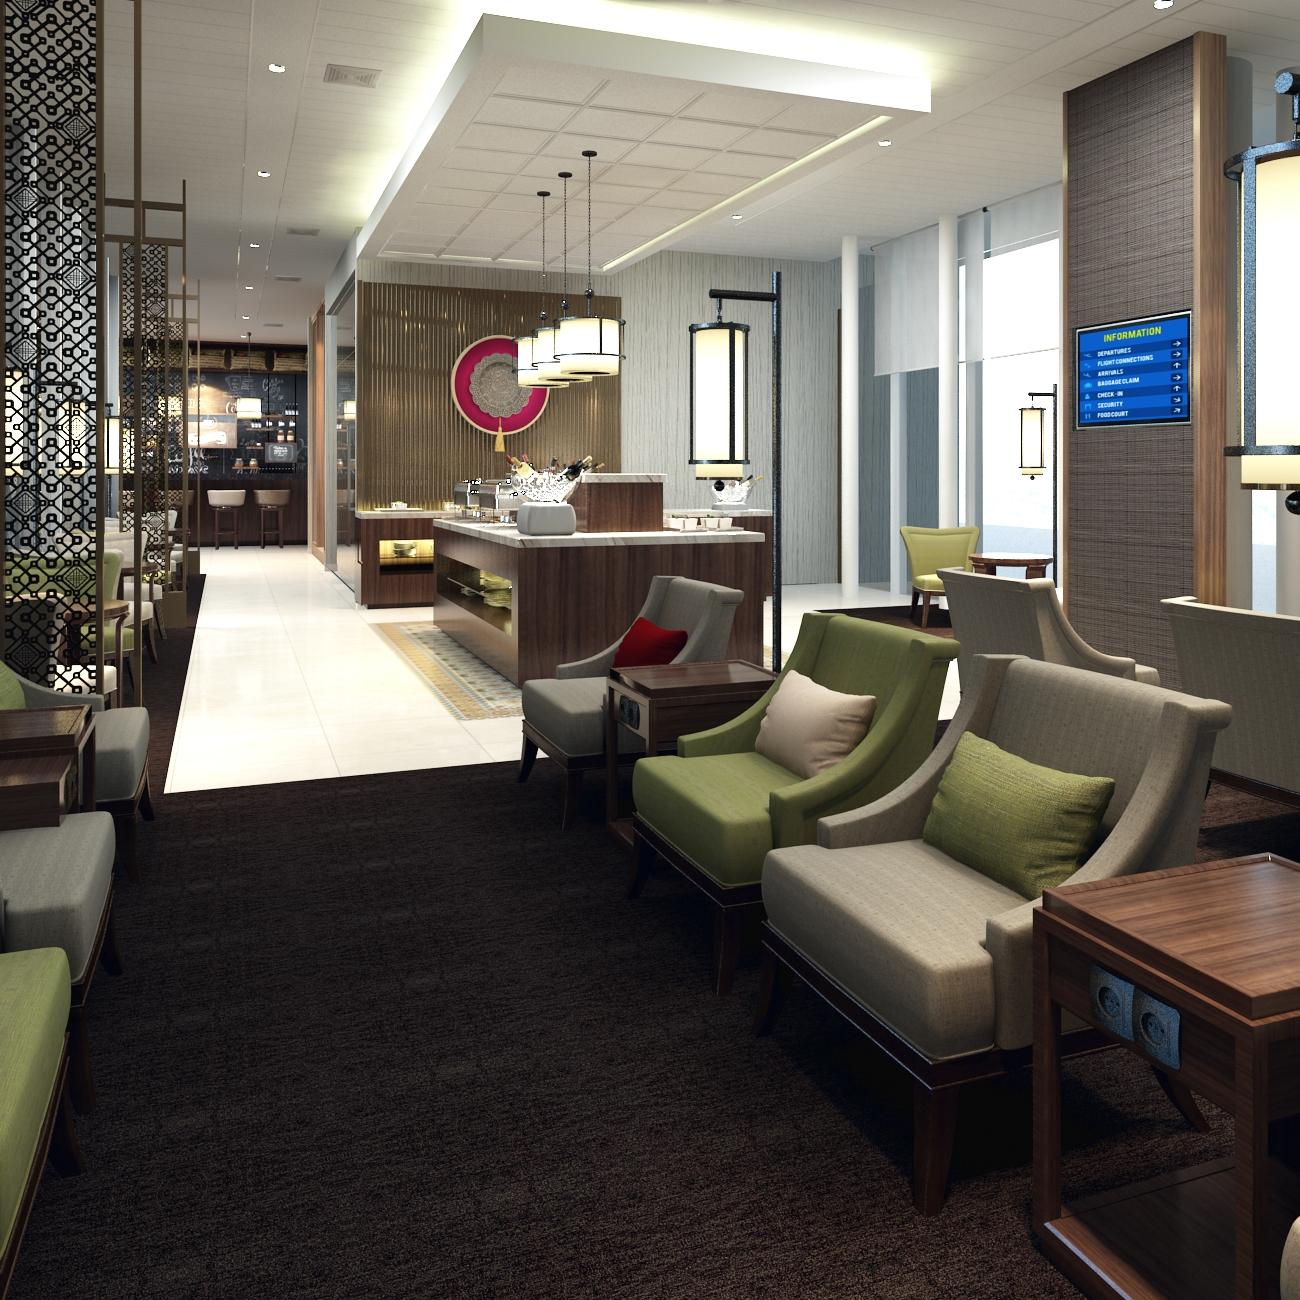 Saphire_Lounge_Pangkal_Pinang_9.jpg